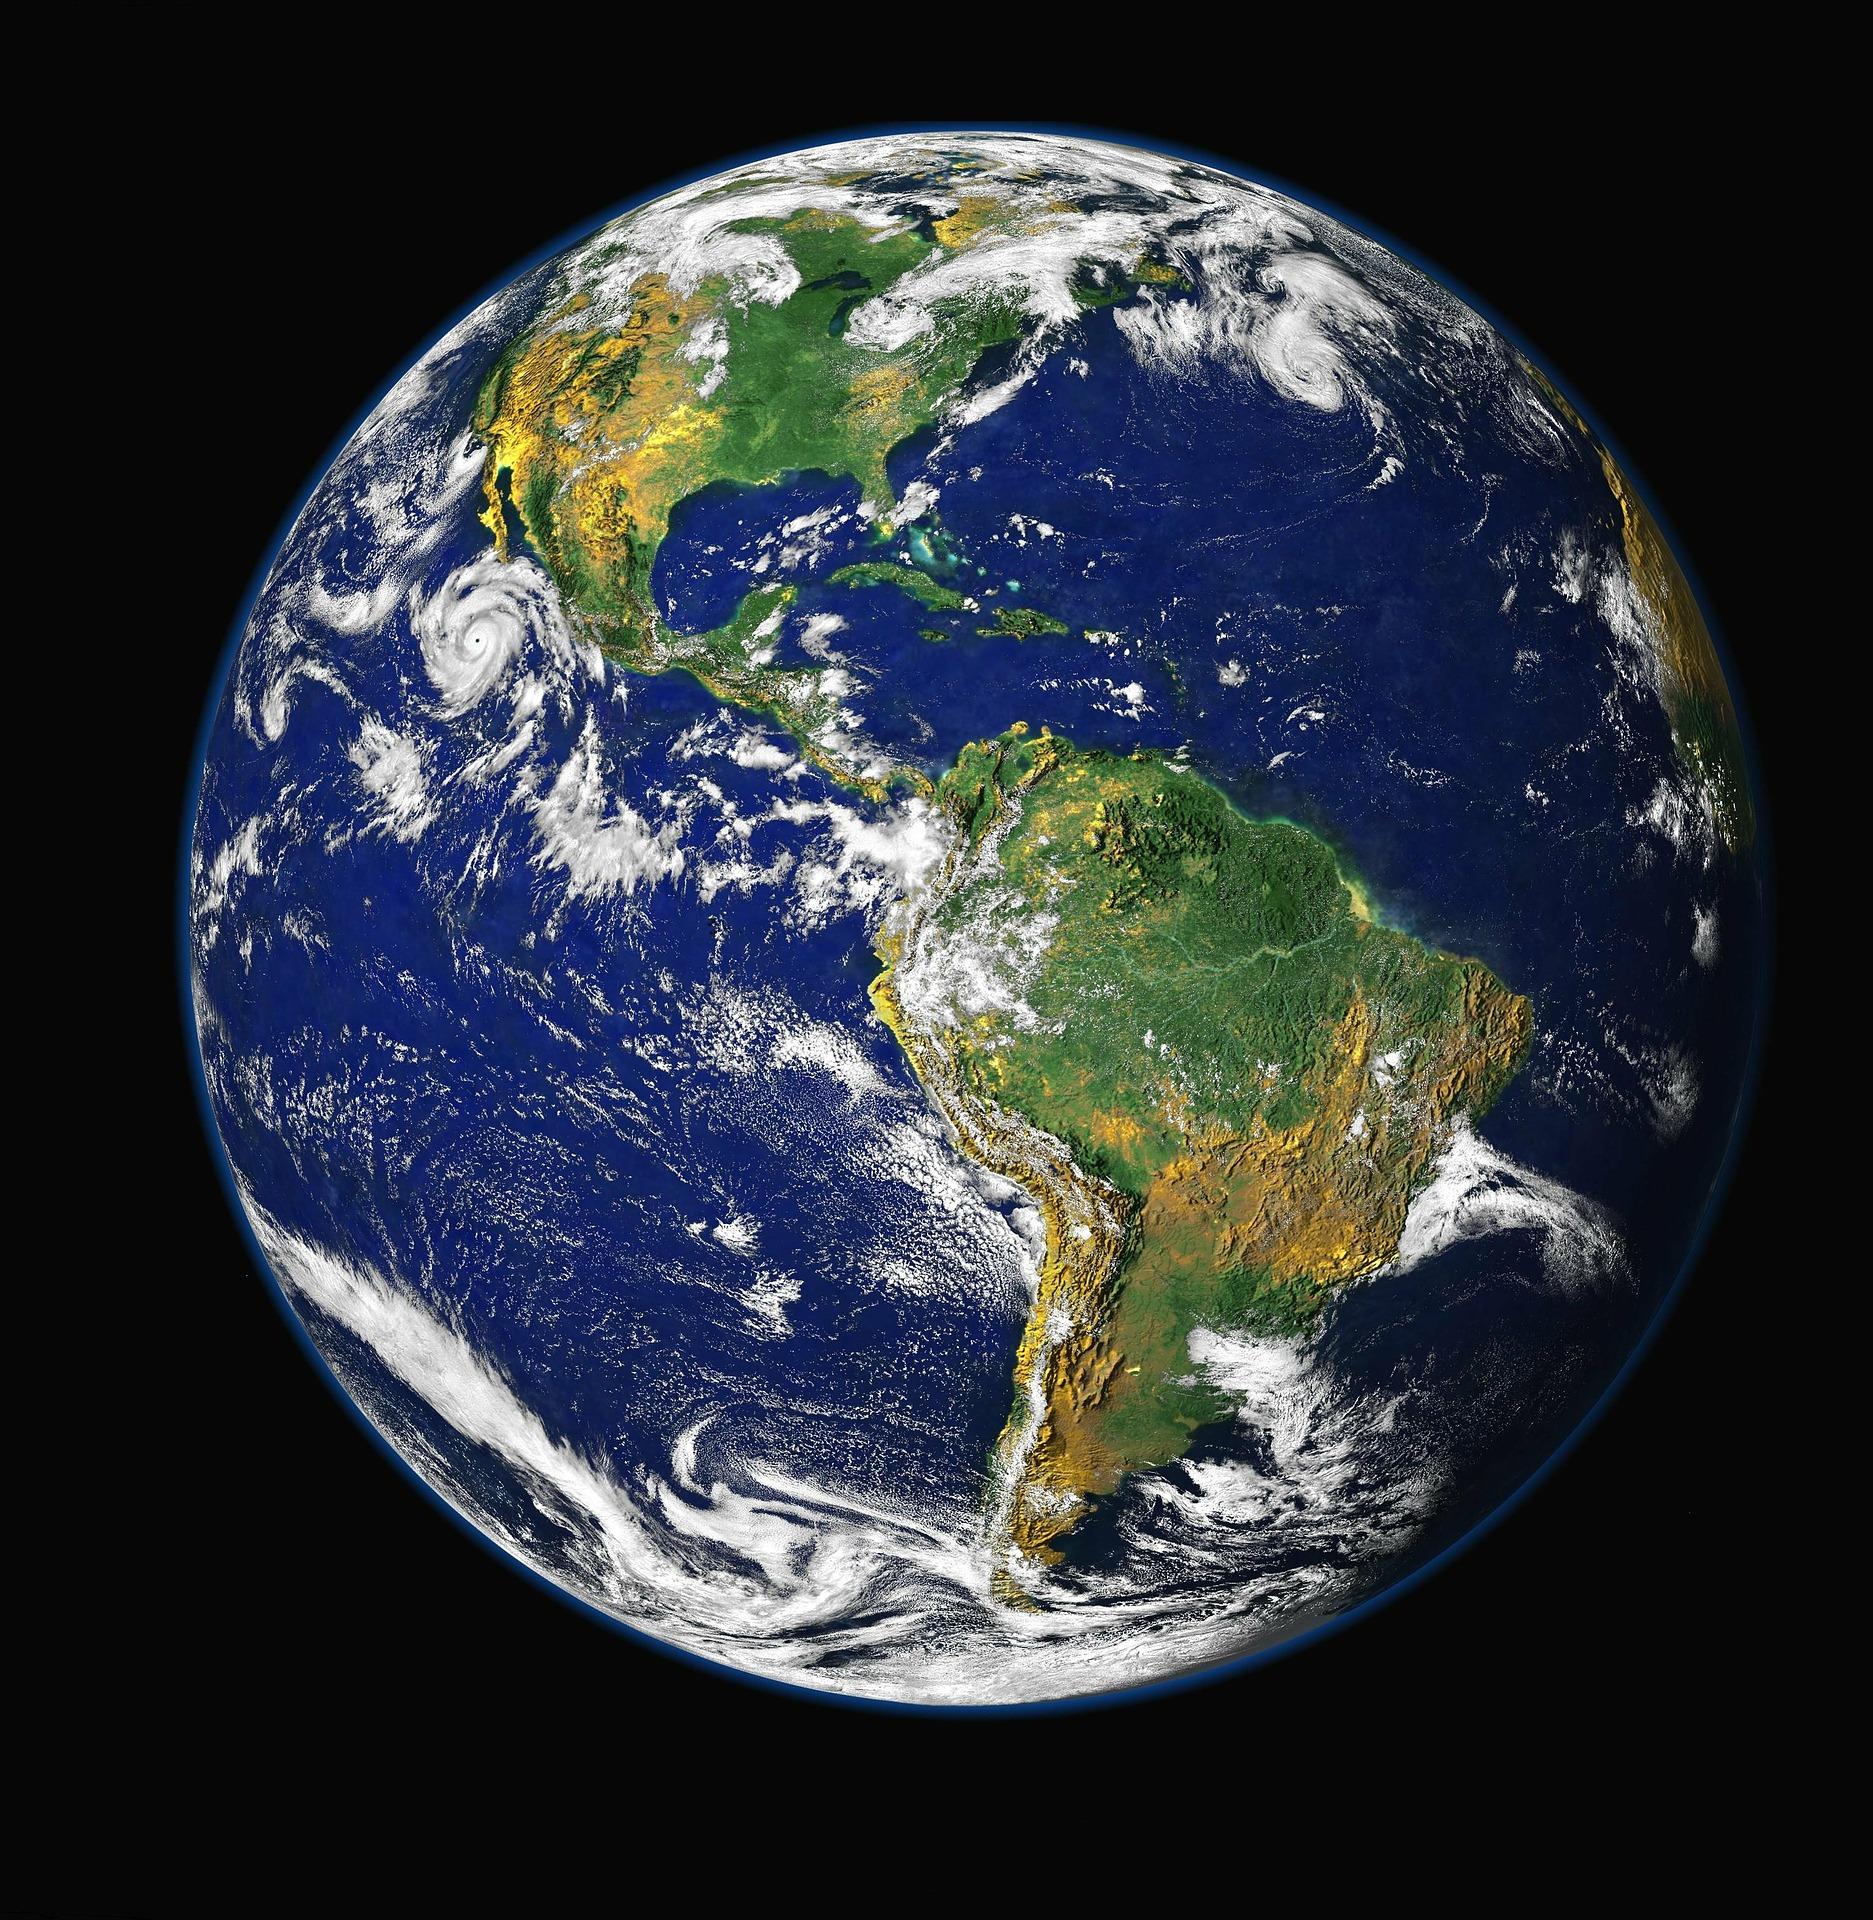 Internationale samenwerking binnen de GGz gesymboliseerd door de planeet aarde